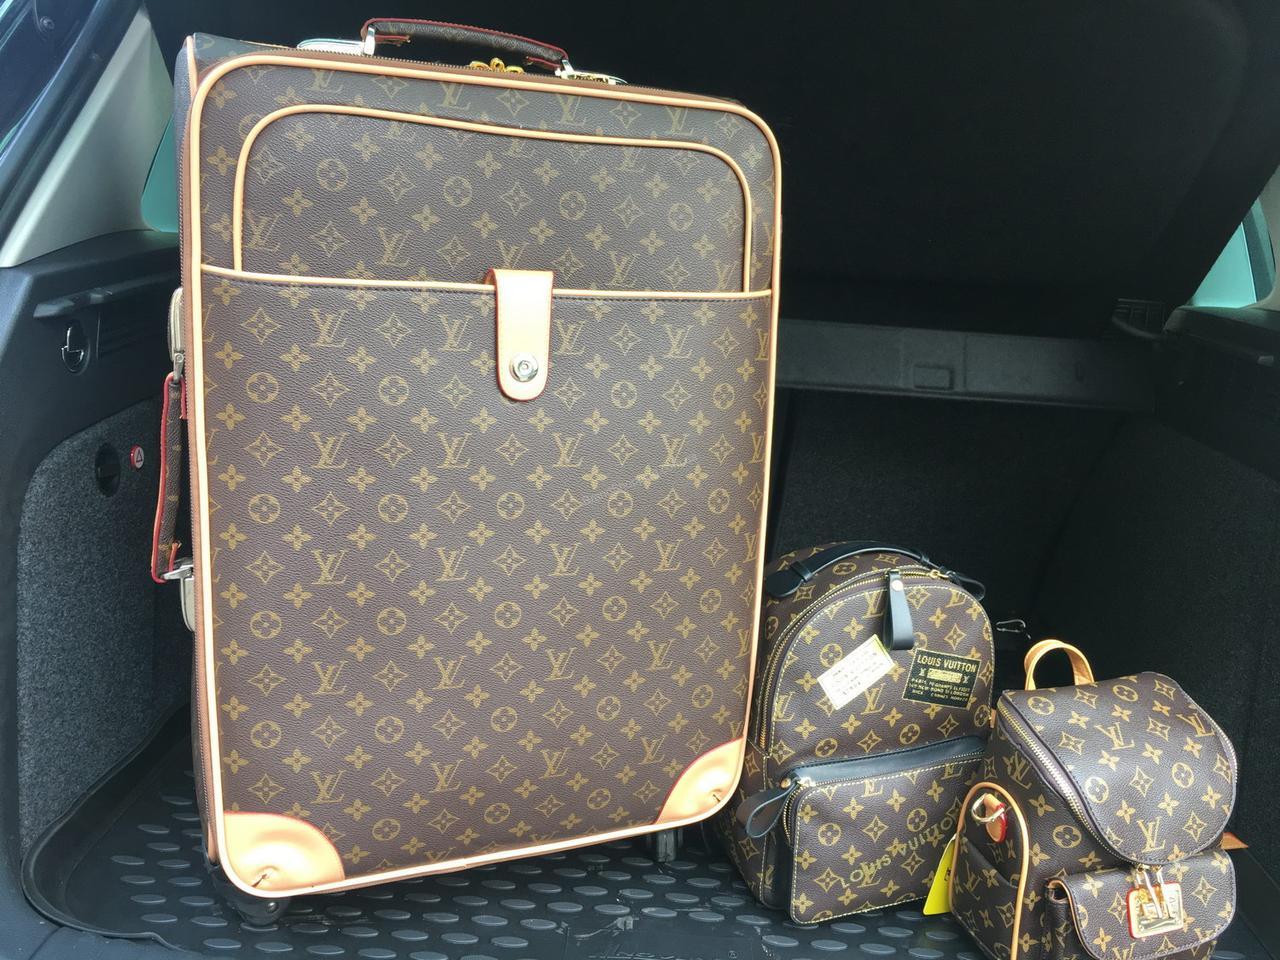 b1da5620eabb Дорожний чемодан Louis Vuitton medium 1363 - купить по лучшей цене в ...